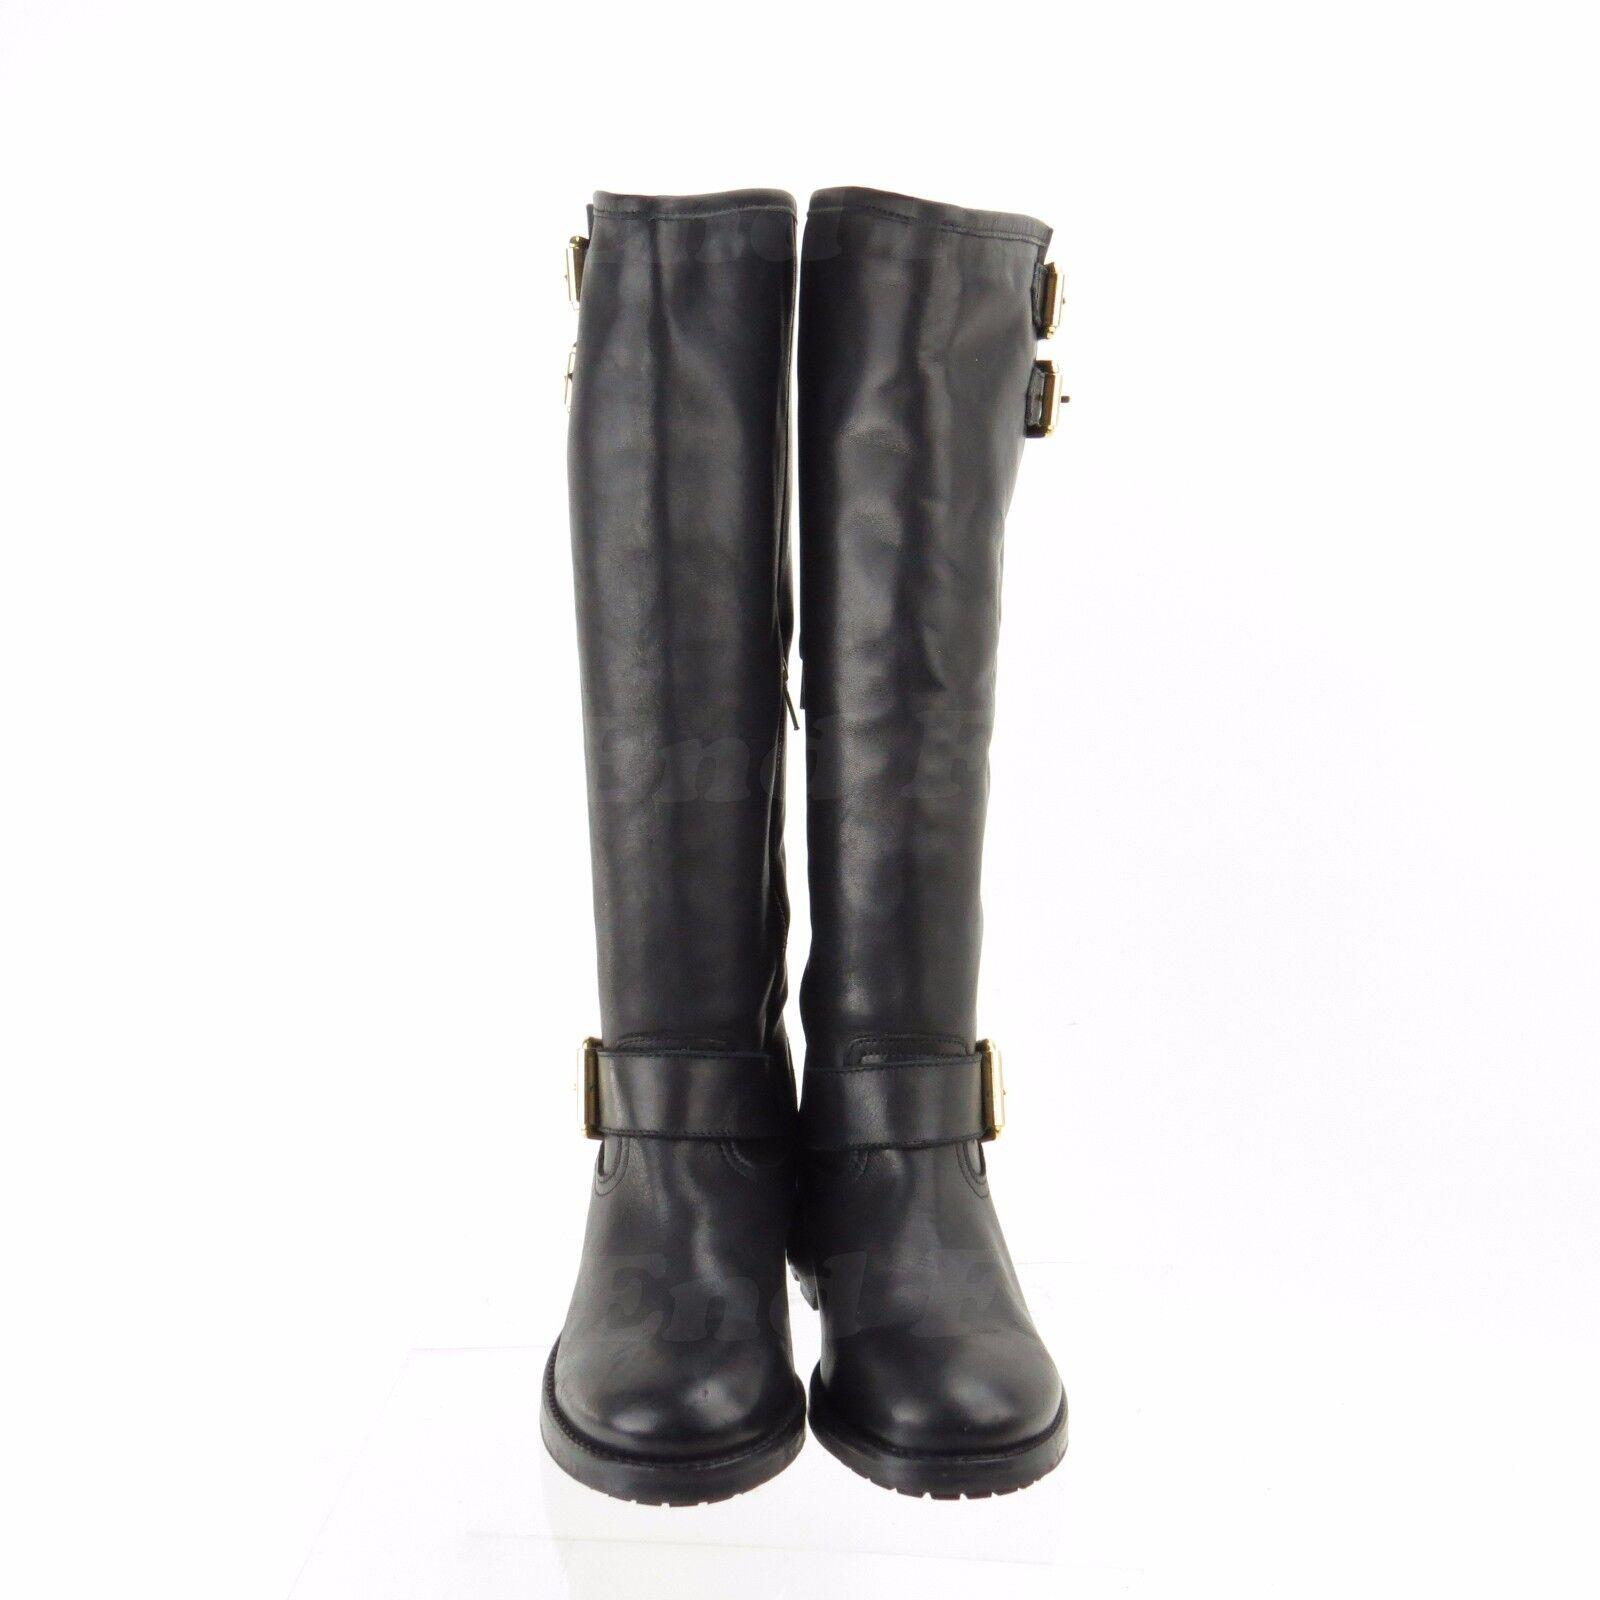 Kurt Geiger Magnum Women's Women's Women's shoes Black Leather Knee High Boots Sz EU 38 New  550 ee1512